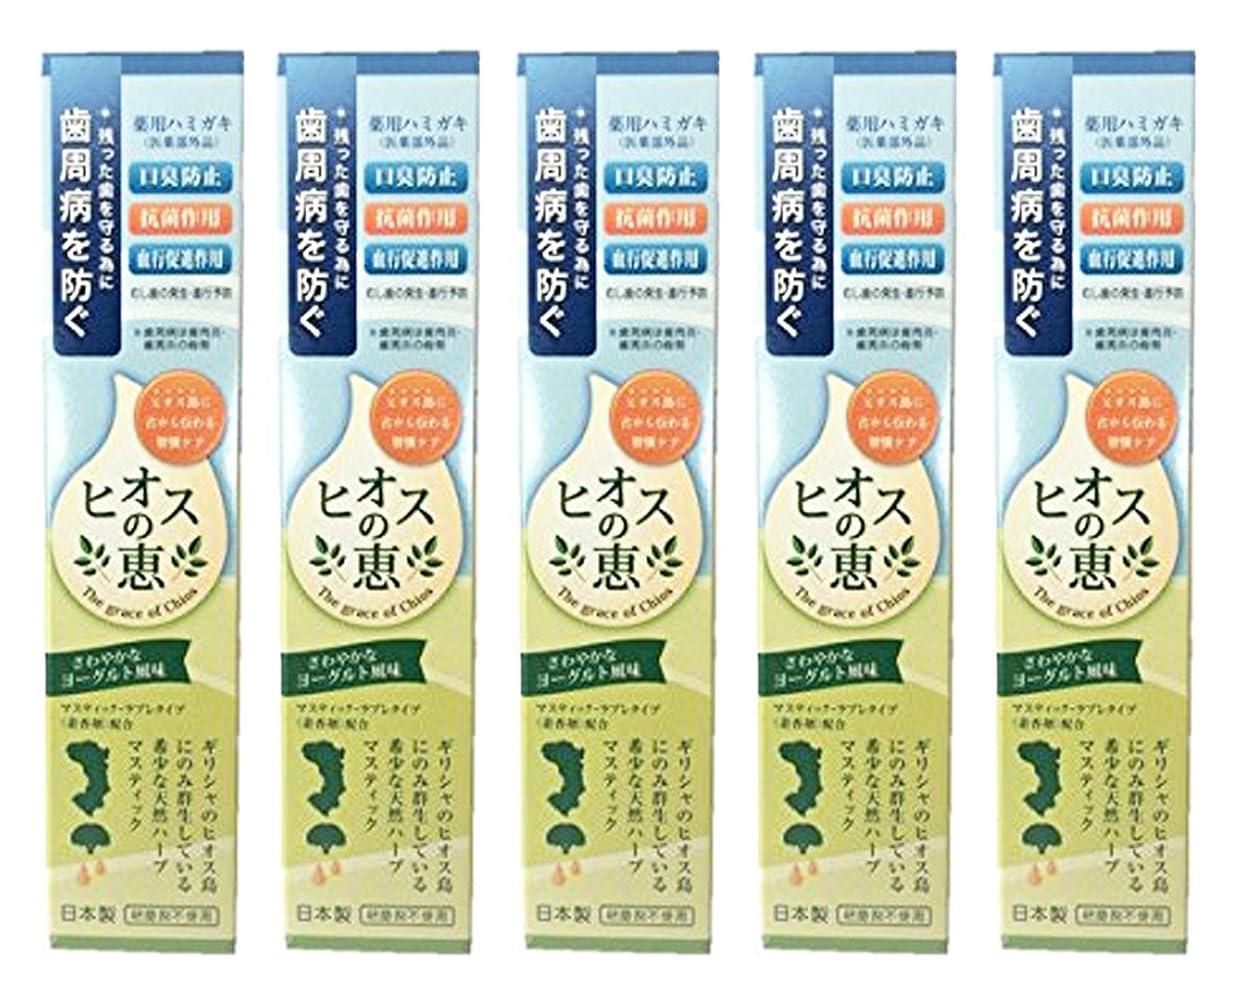 すき集計ウェブヒオスの恵 60g 【まとめ買い1個60g×5個】薬用ハミガキ 日本製